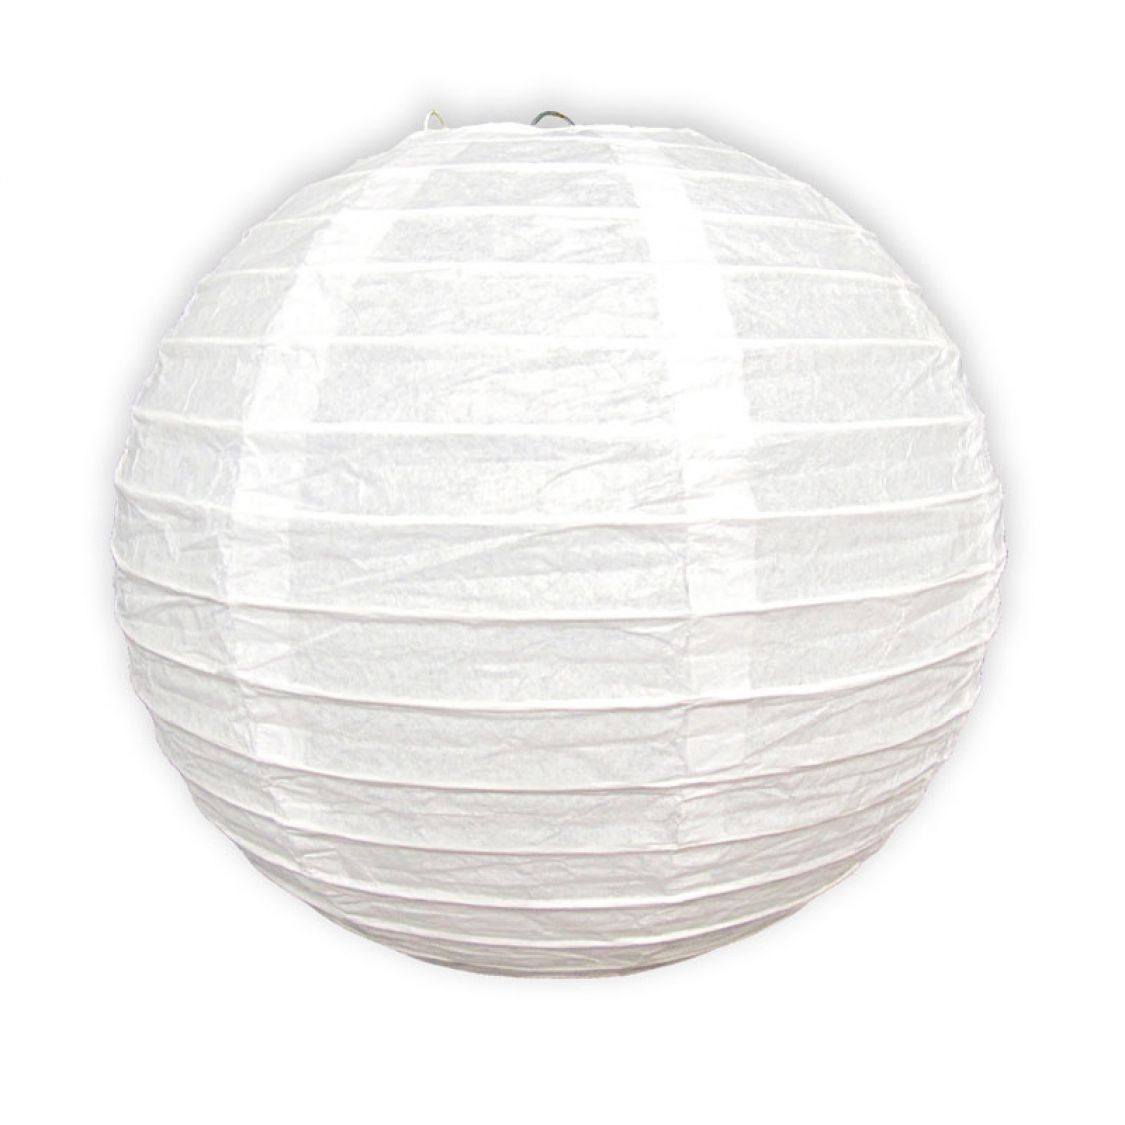 lanterne japonaise blanche. Black Bedroom Furniture Sets. Home Design Ideas